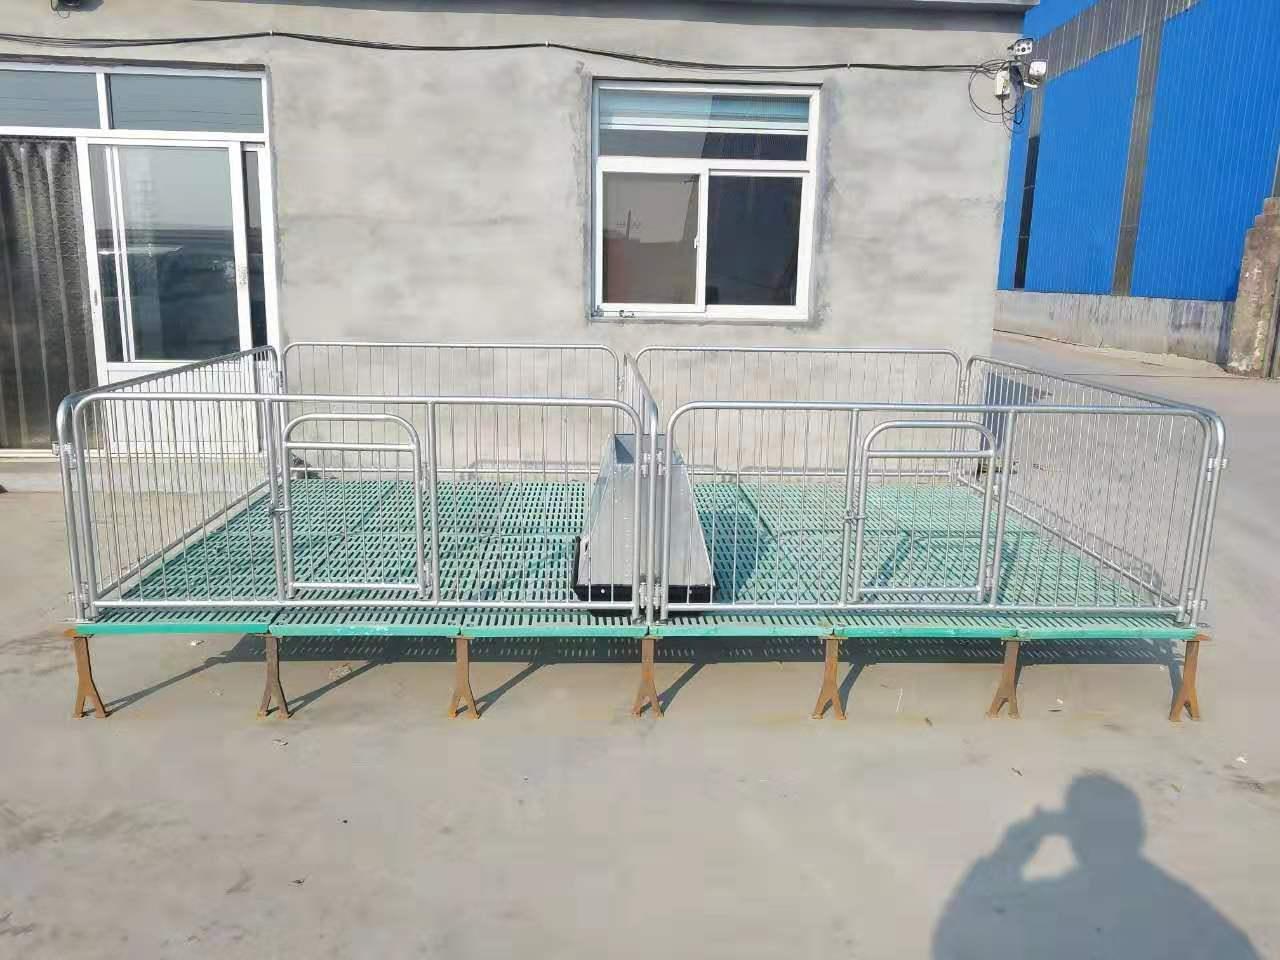 养猪设备,仔猪保育栏,保育床